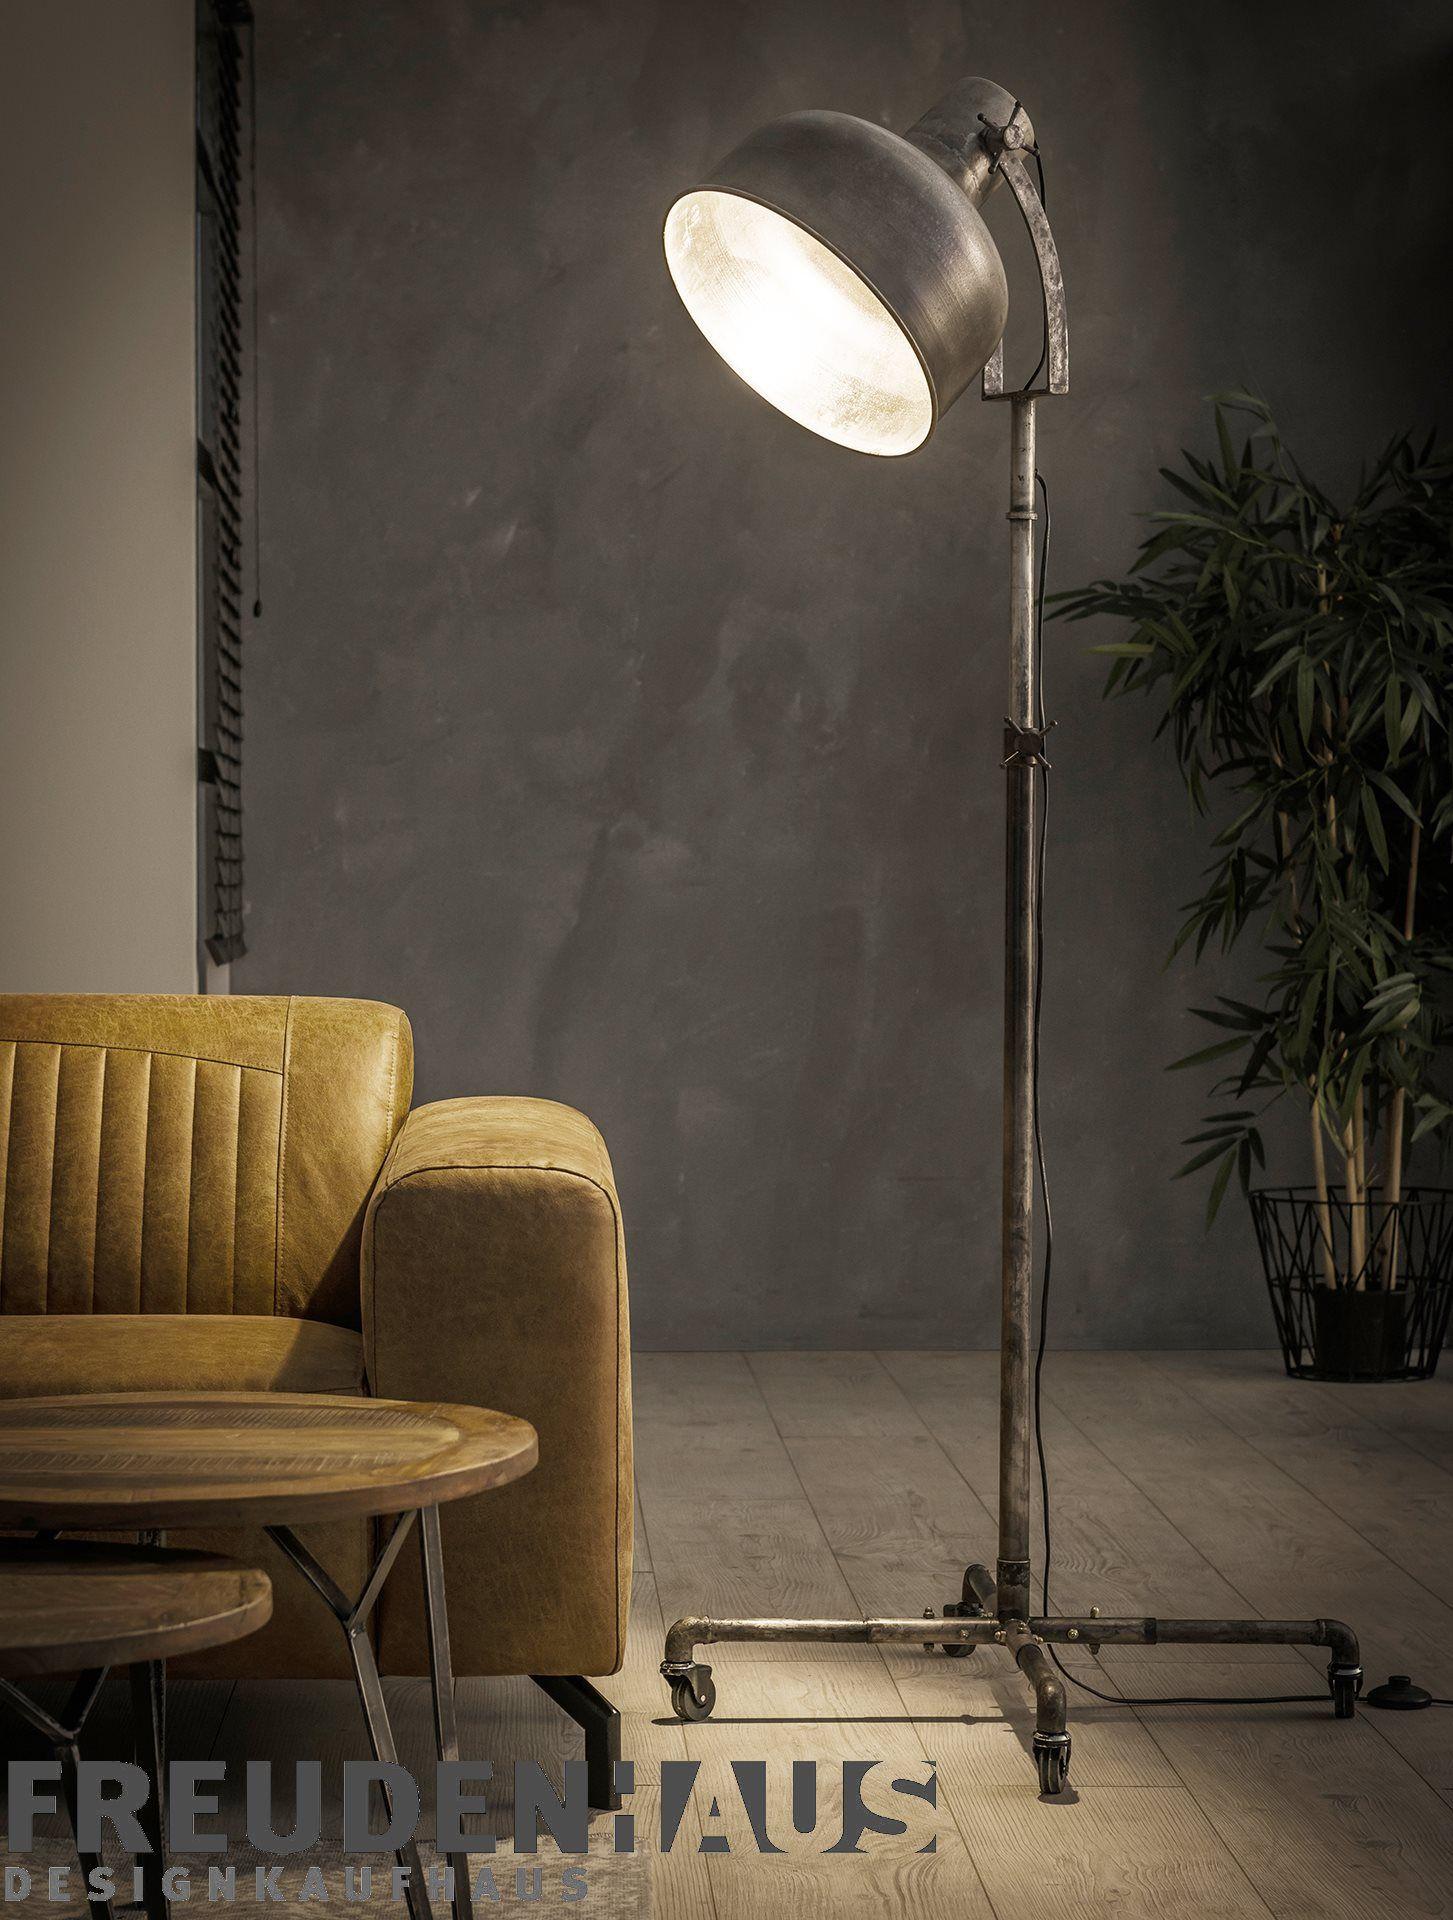 12 Transcendent Industrial Interior Blue Ideas Industrial Wall Decor Industrial Livingroom